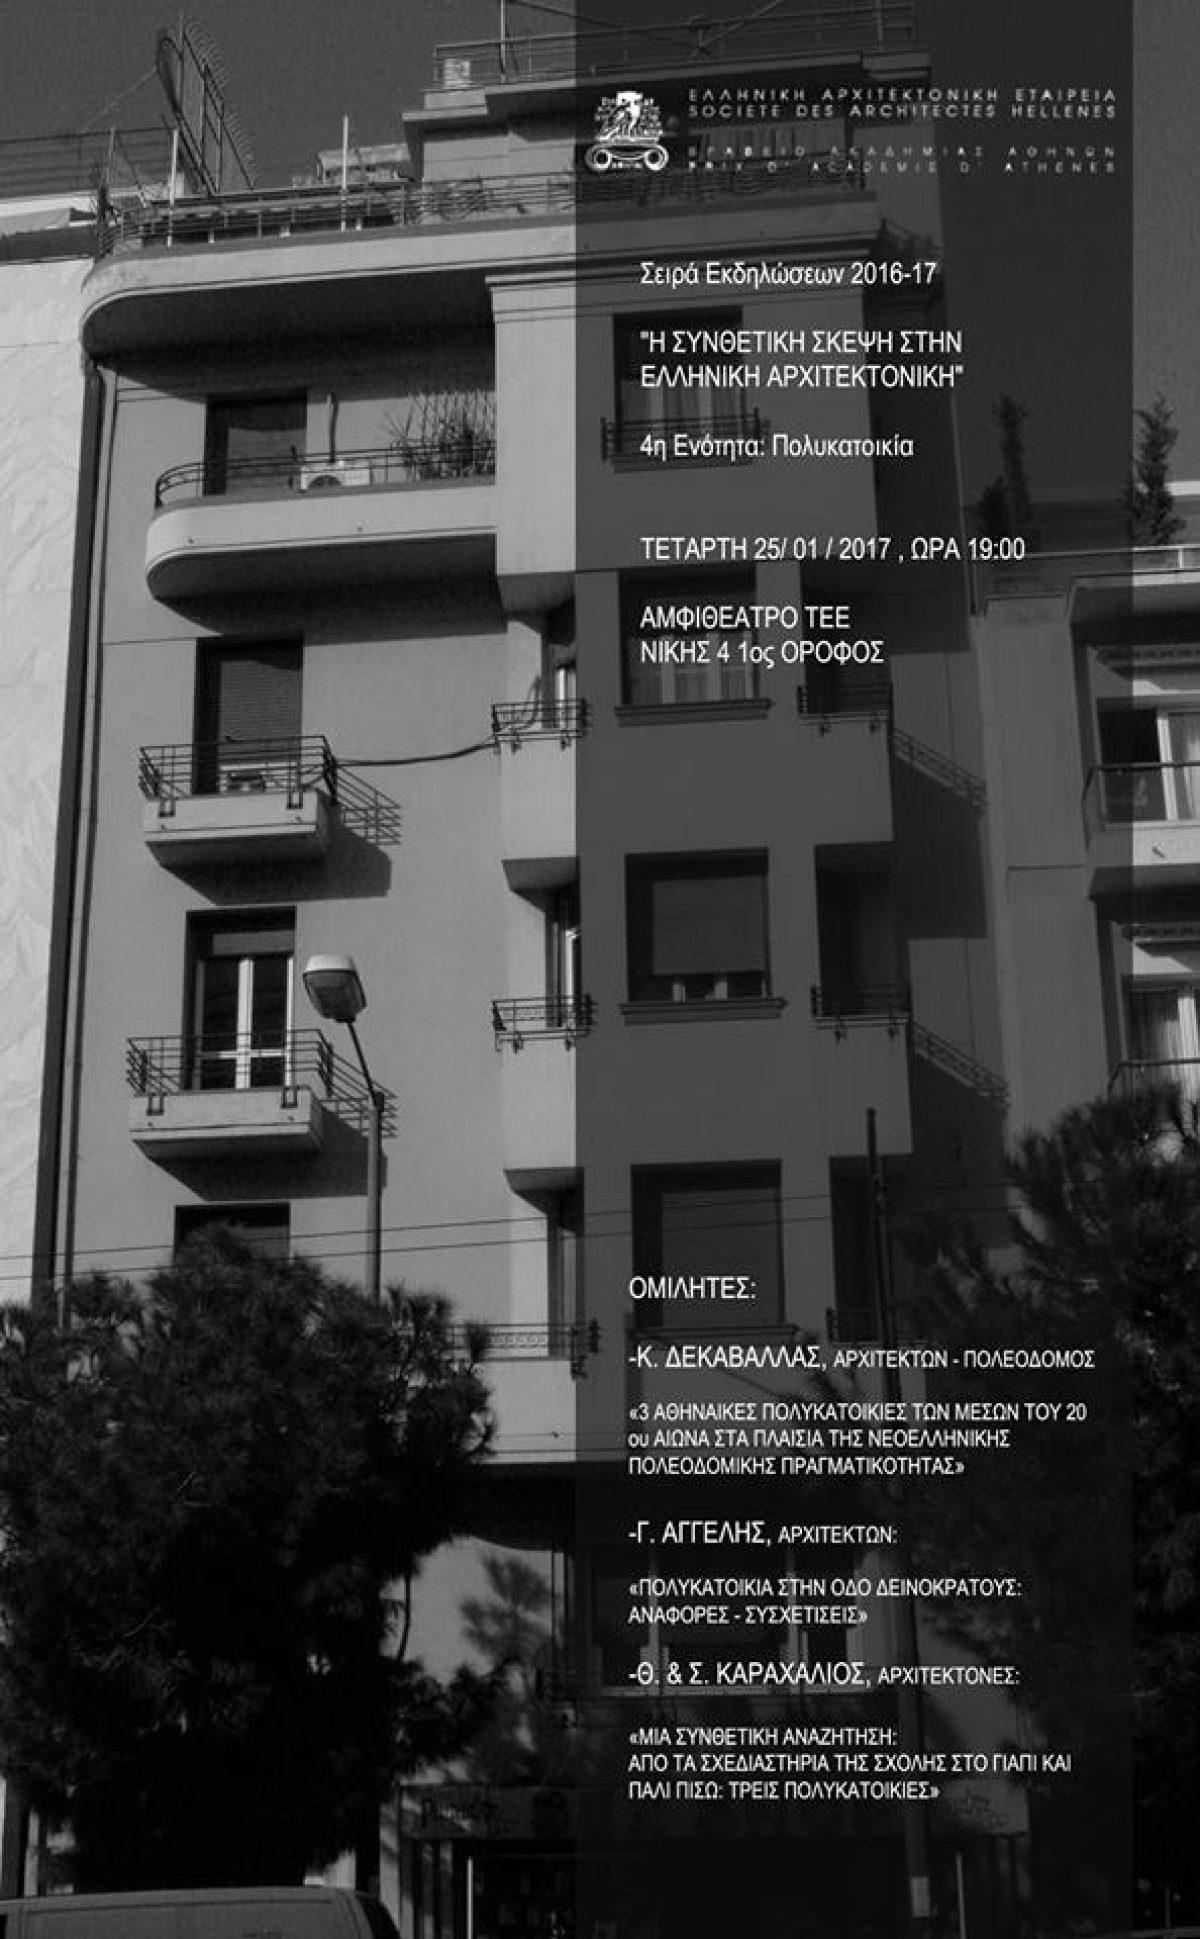 4η Εκδήλωση της Ελληνικής Αρχιτεκτονικής Εταιρείας σειράς εκδηλώσεων με θέμα «Η Συνθετική σκέψη στην Ελληνική Αρχιτεκτονική»